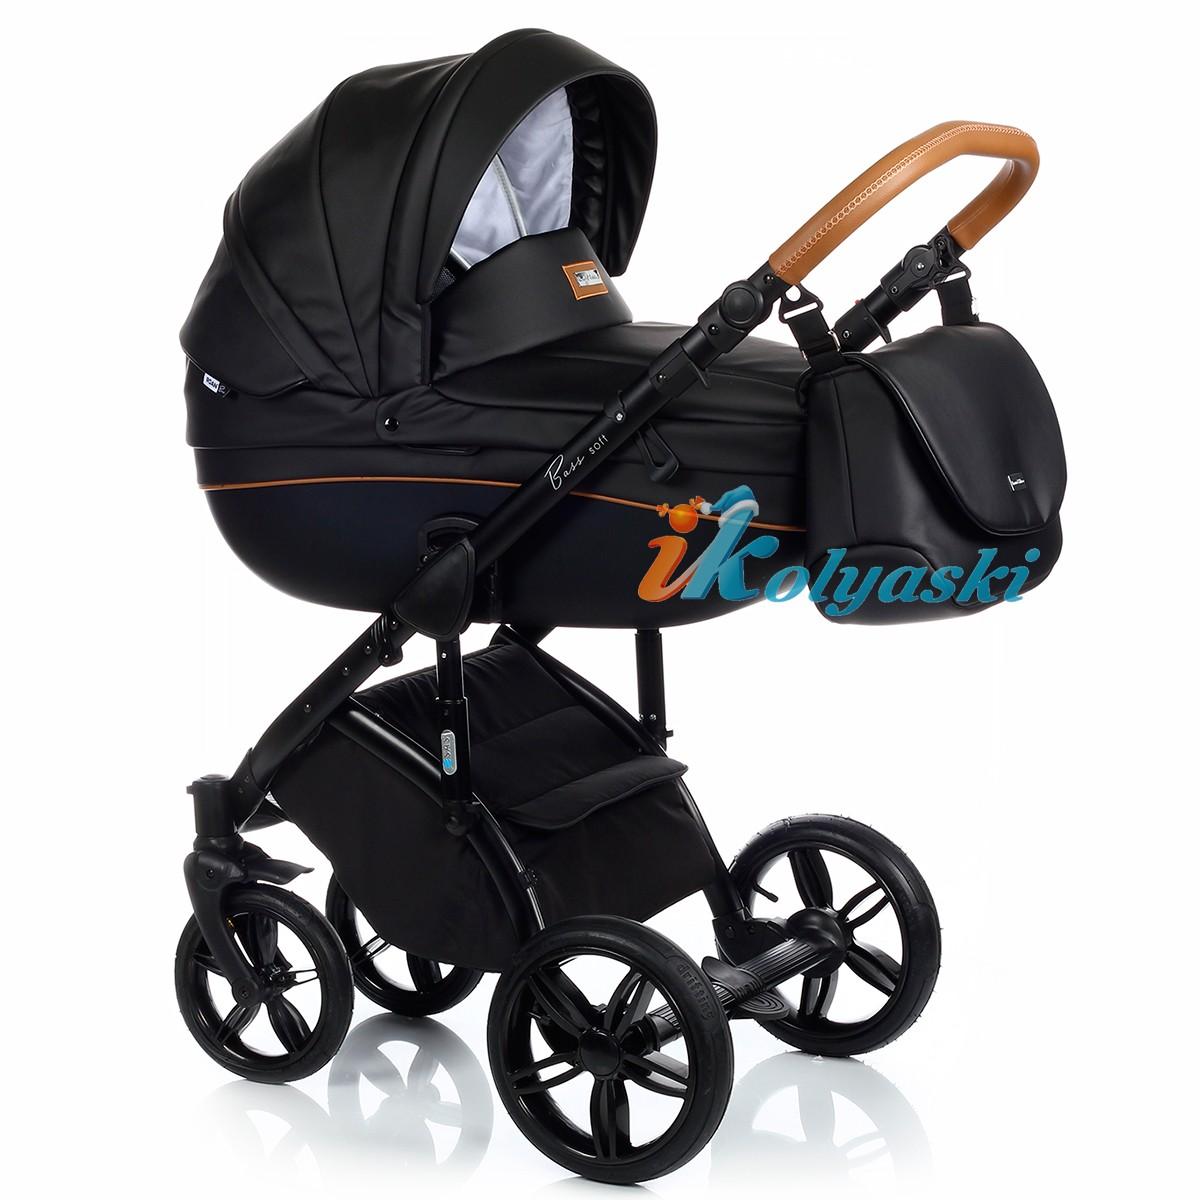 Roan Bass Soft Leather & Denim (Jeans), Детская коляска для новорожденных, на поворотных колесах, коляска 3 в 1 Roan Bass Soft  - Роан Басс шасси Софт, обшивка люльки Эко-Кожа и джинс. Хит 2018. Roan Bass Soft Leather, Детская коляска для новорожденных, детская коляска на поворотных колесах, коляски 3 в 1, коляска Roan Bass Soft, коляска Роан Басс Софт, коляски новинки 2018, детские коляски новинки 2018, коляски Roan, детские коляски роан купить, коллекция экокожа, цвет NIGHT BLACK